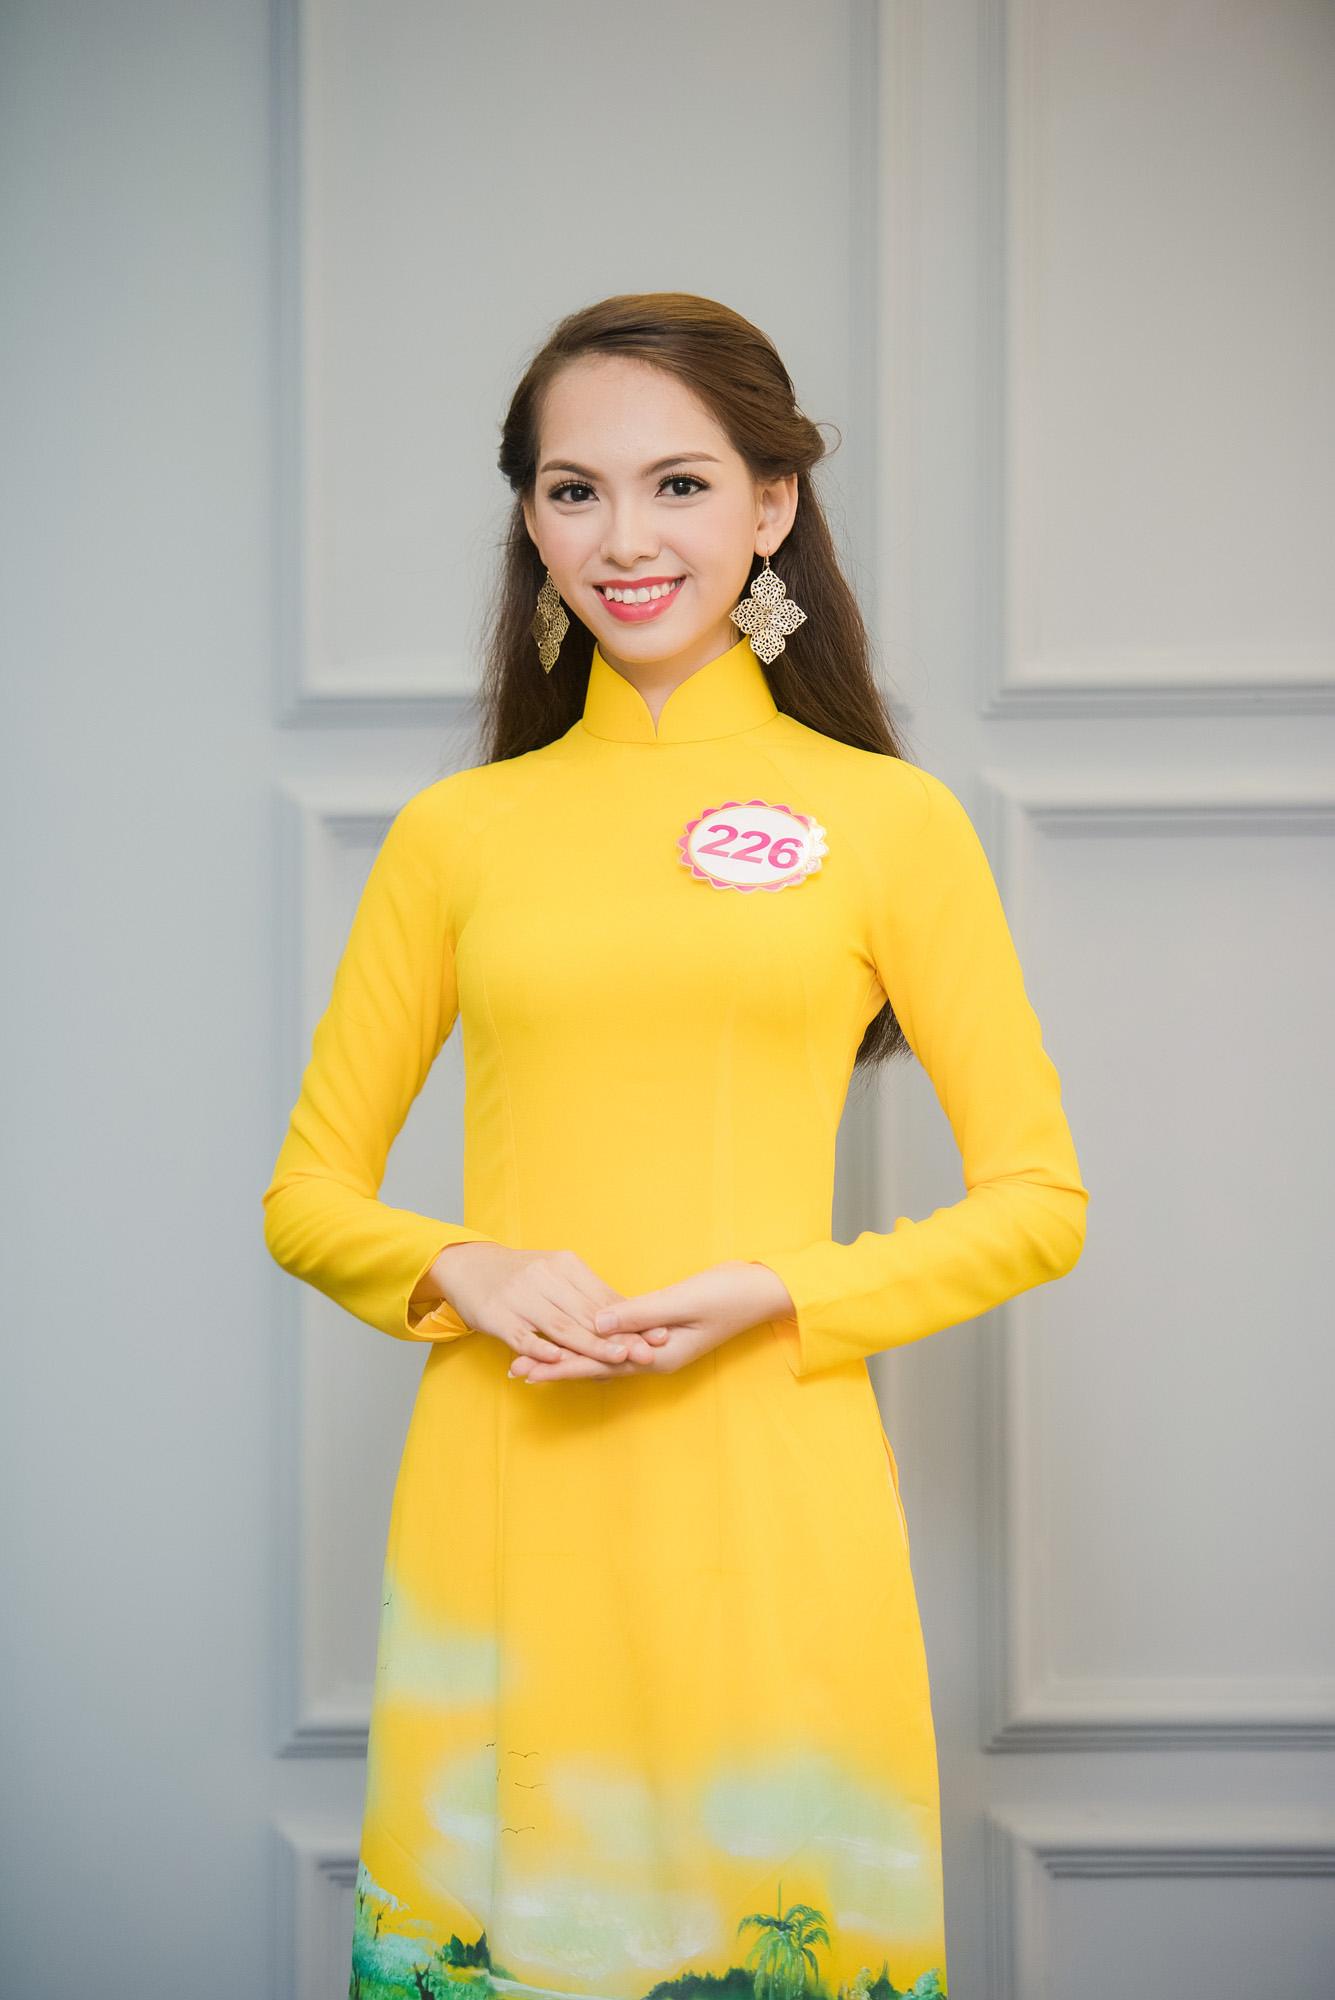 4 - Thu Thao